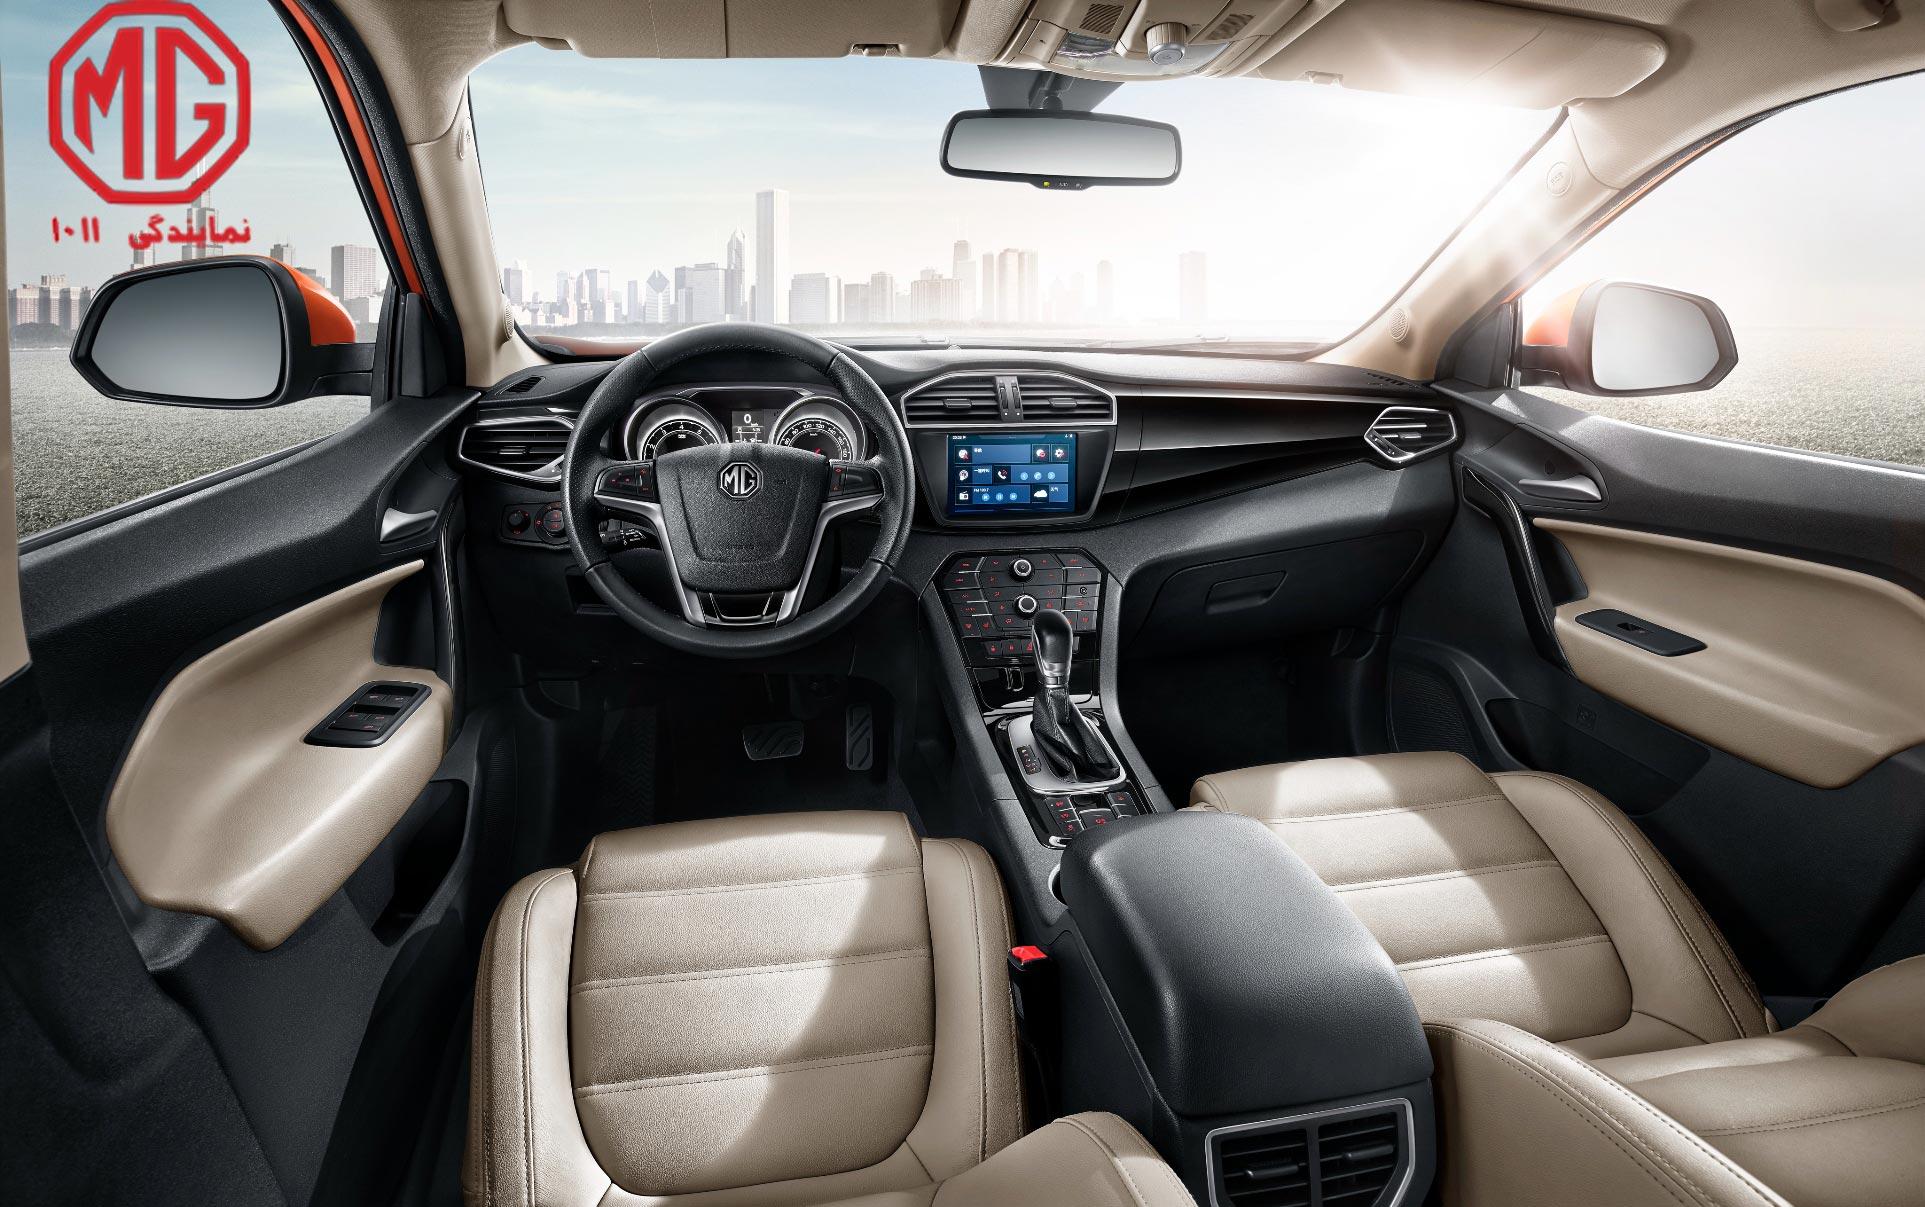 رانندگی با خودرو نو ام جی را چگونه آغاز کنیم؟